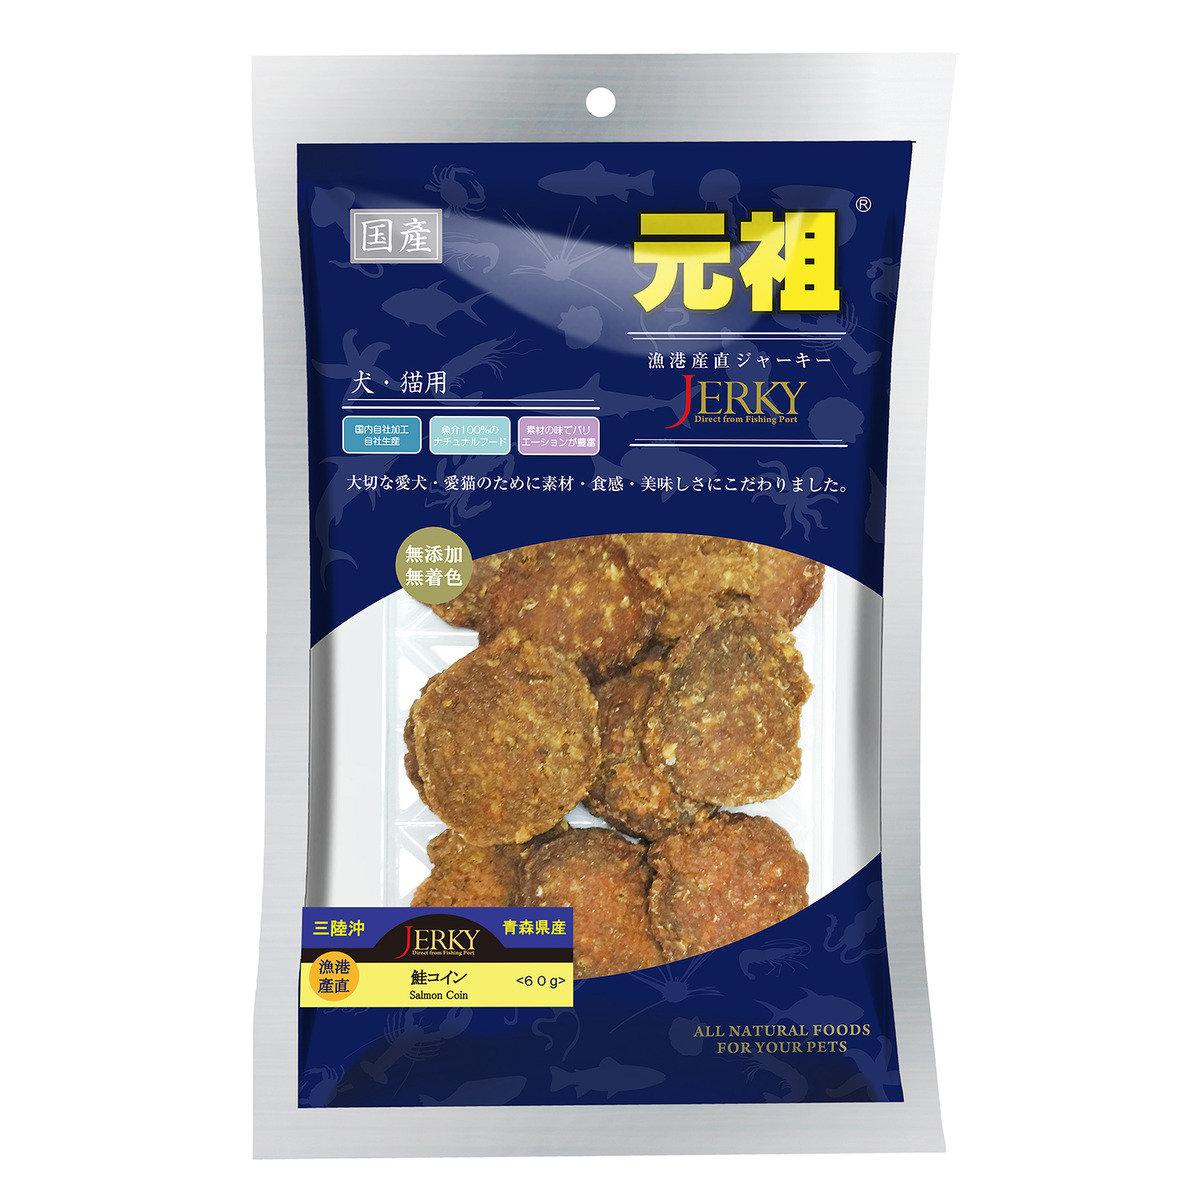 日本直送三文魚圓片